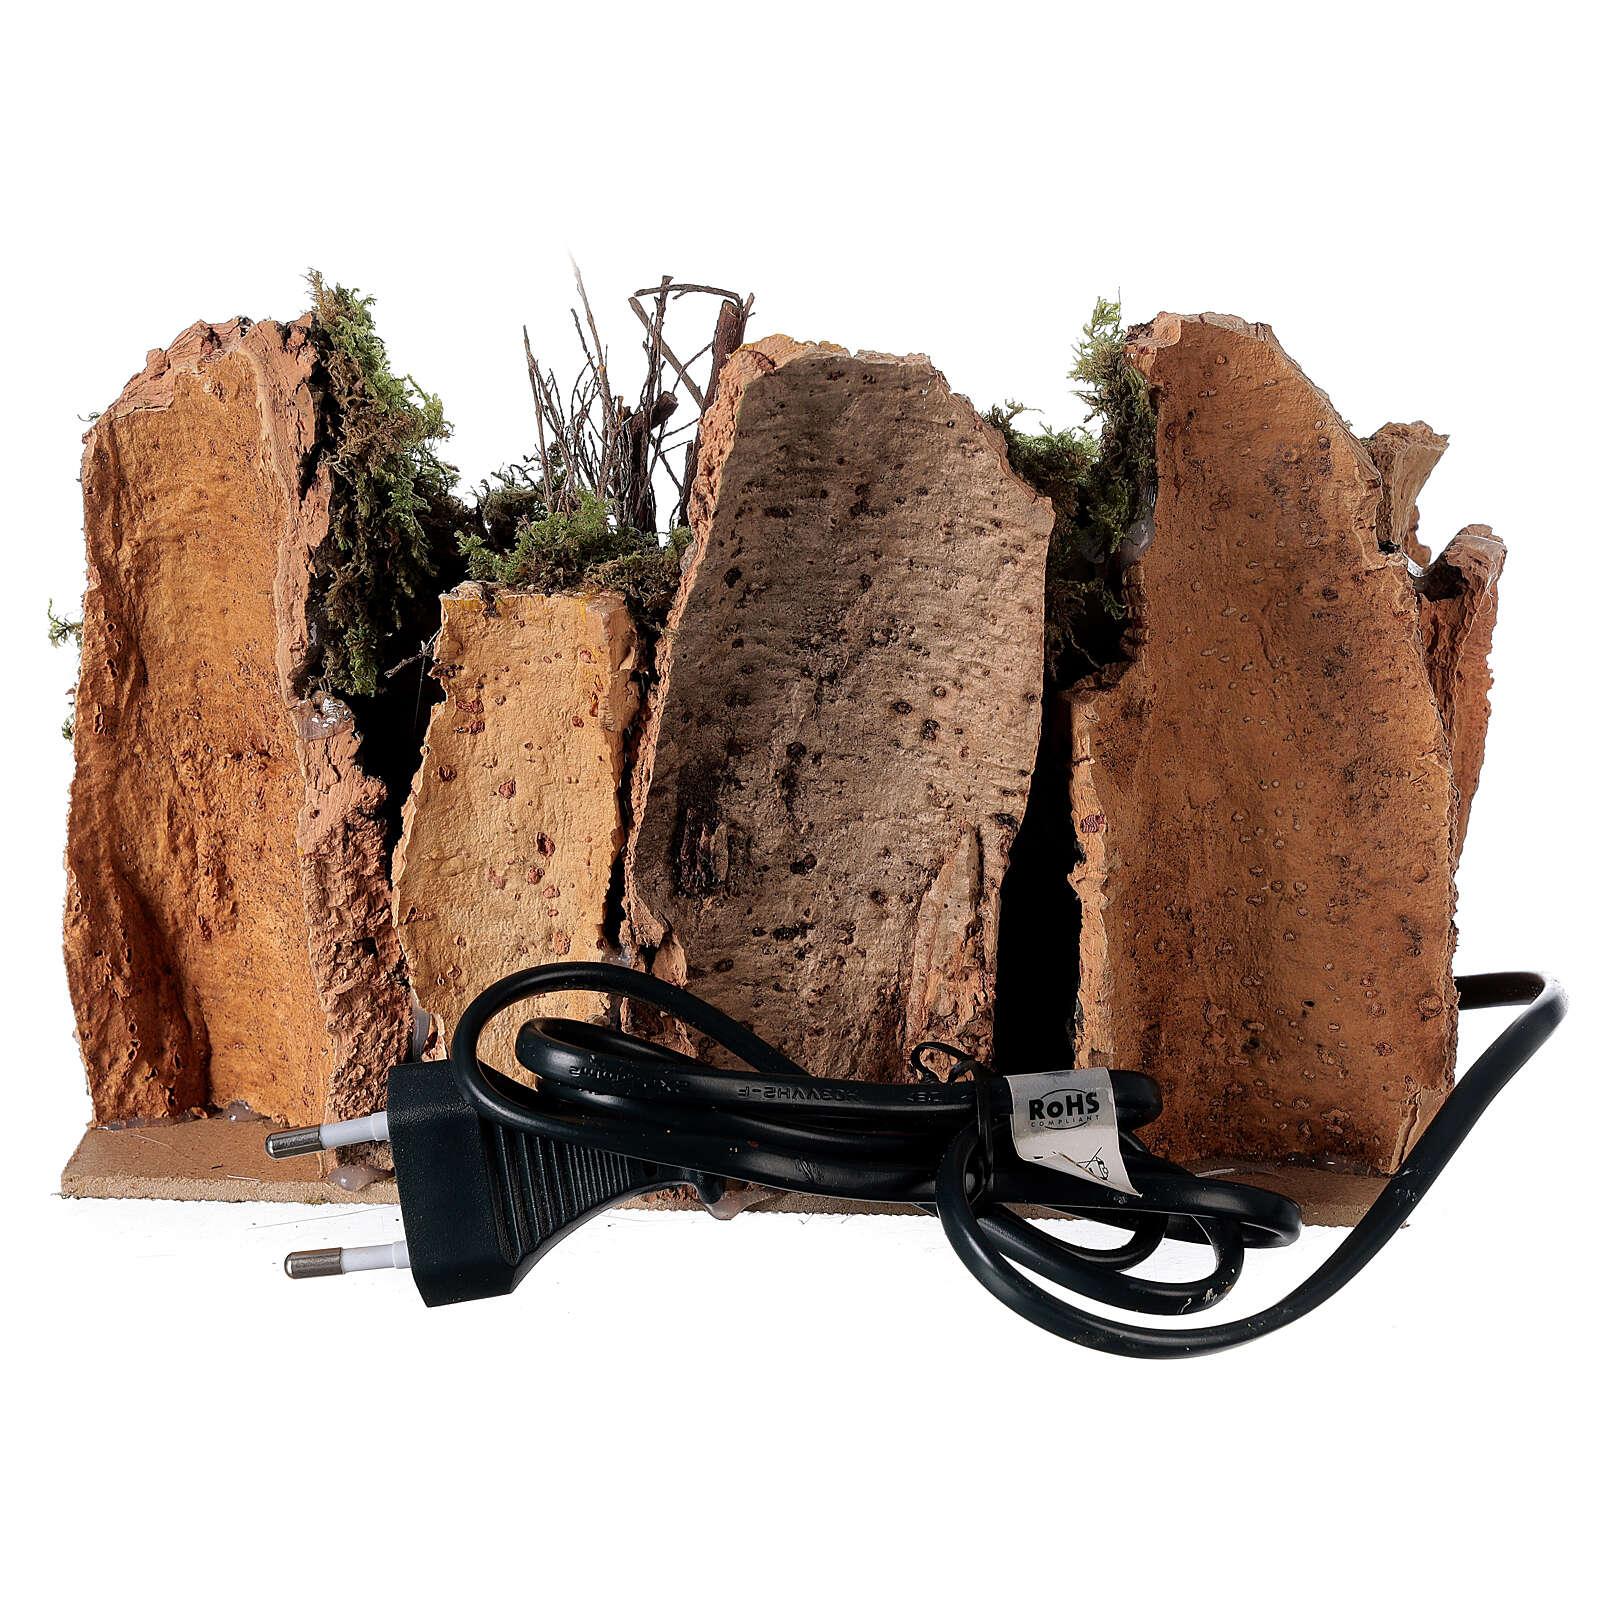 Villaggio con fuoco elettrico 15x20x15 cm per presepi 8-10 cm 4